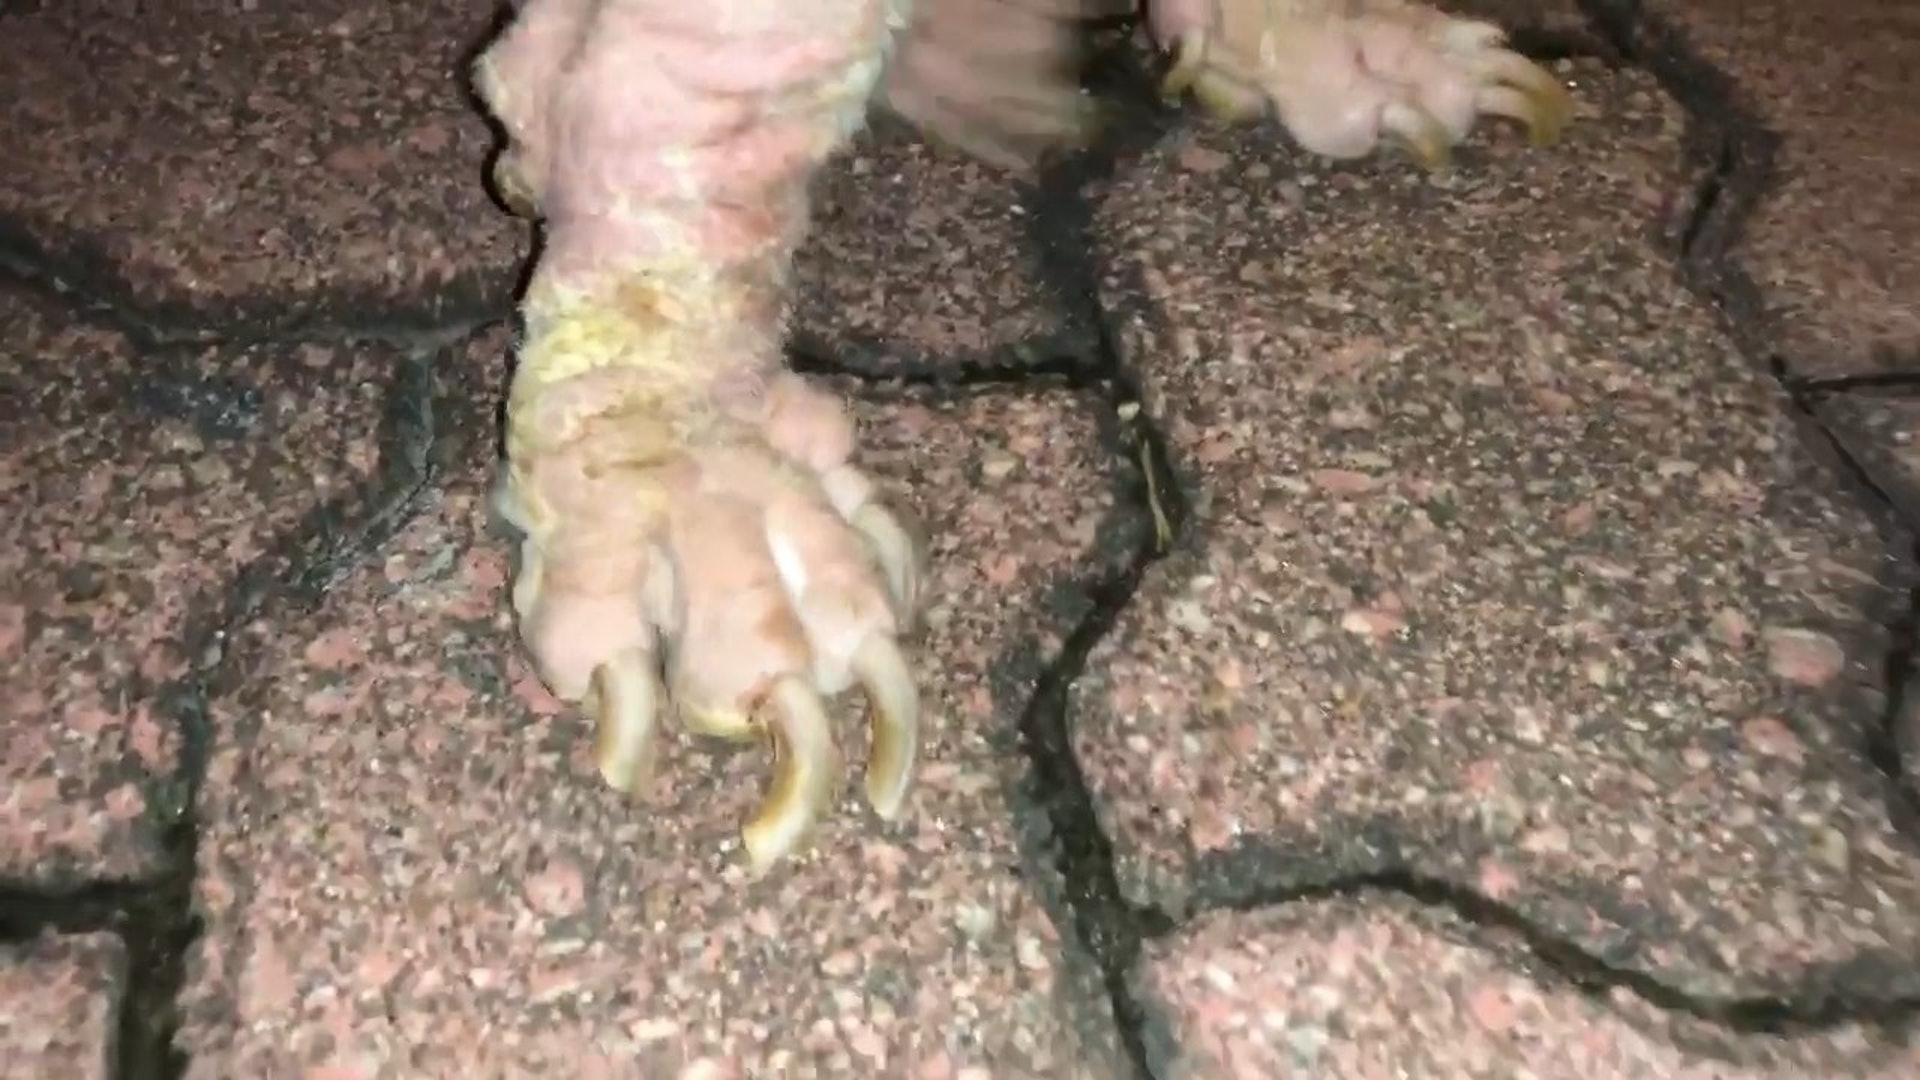 狗狗指甲非常長,可見長時間沒有接受過合理打理。(毛孩守護者facebook影片截圖)